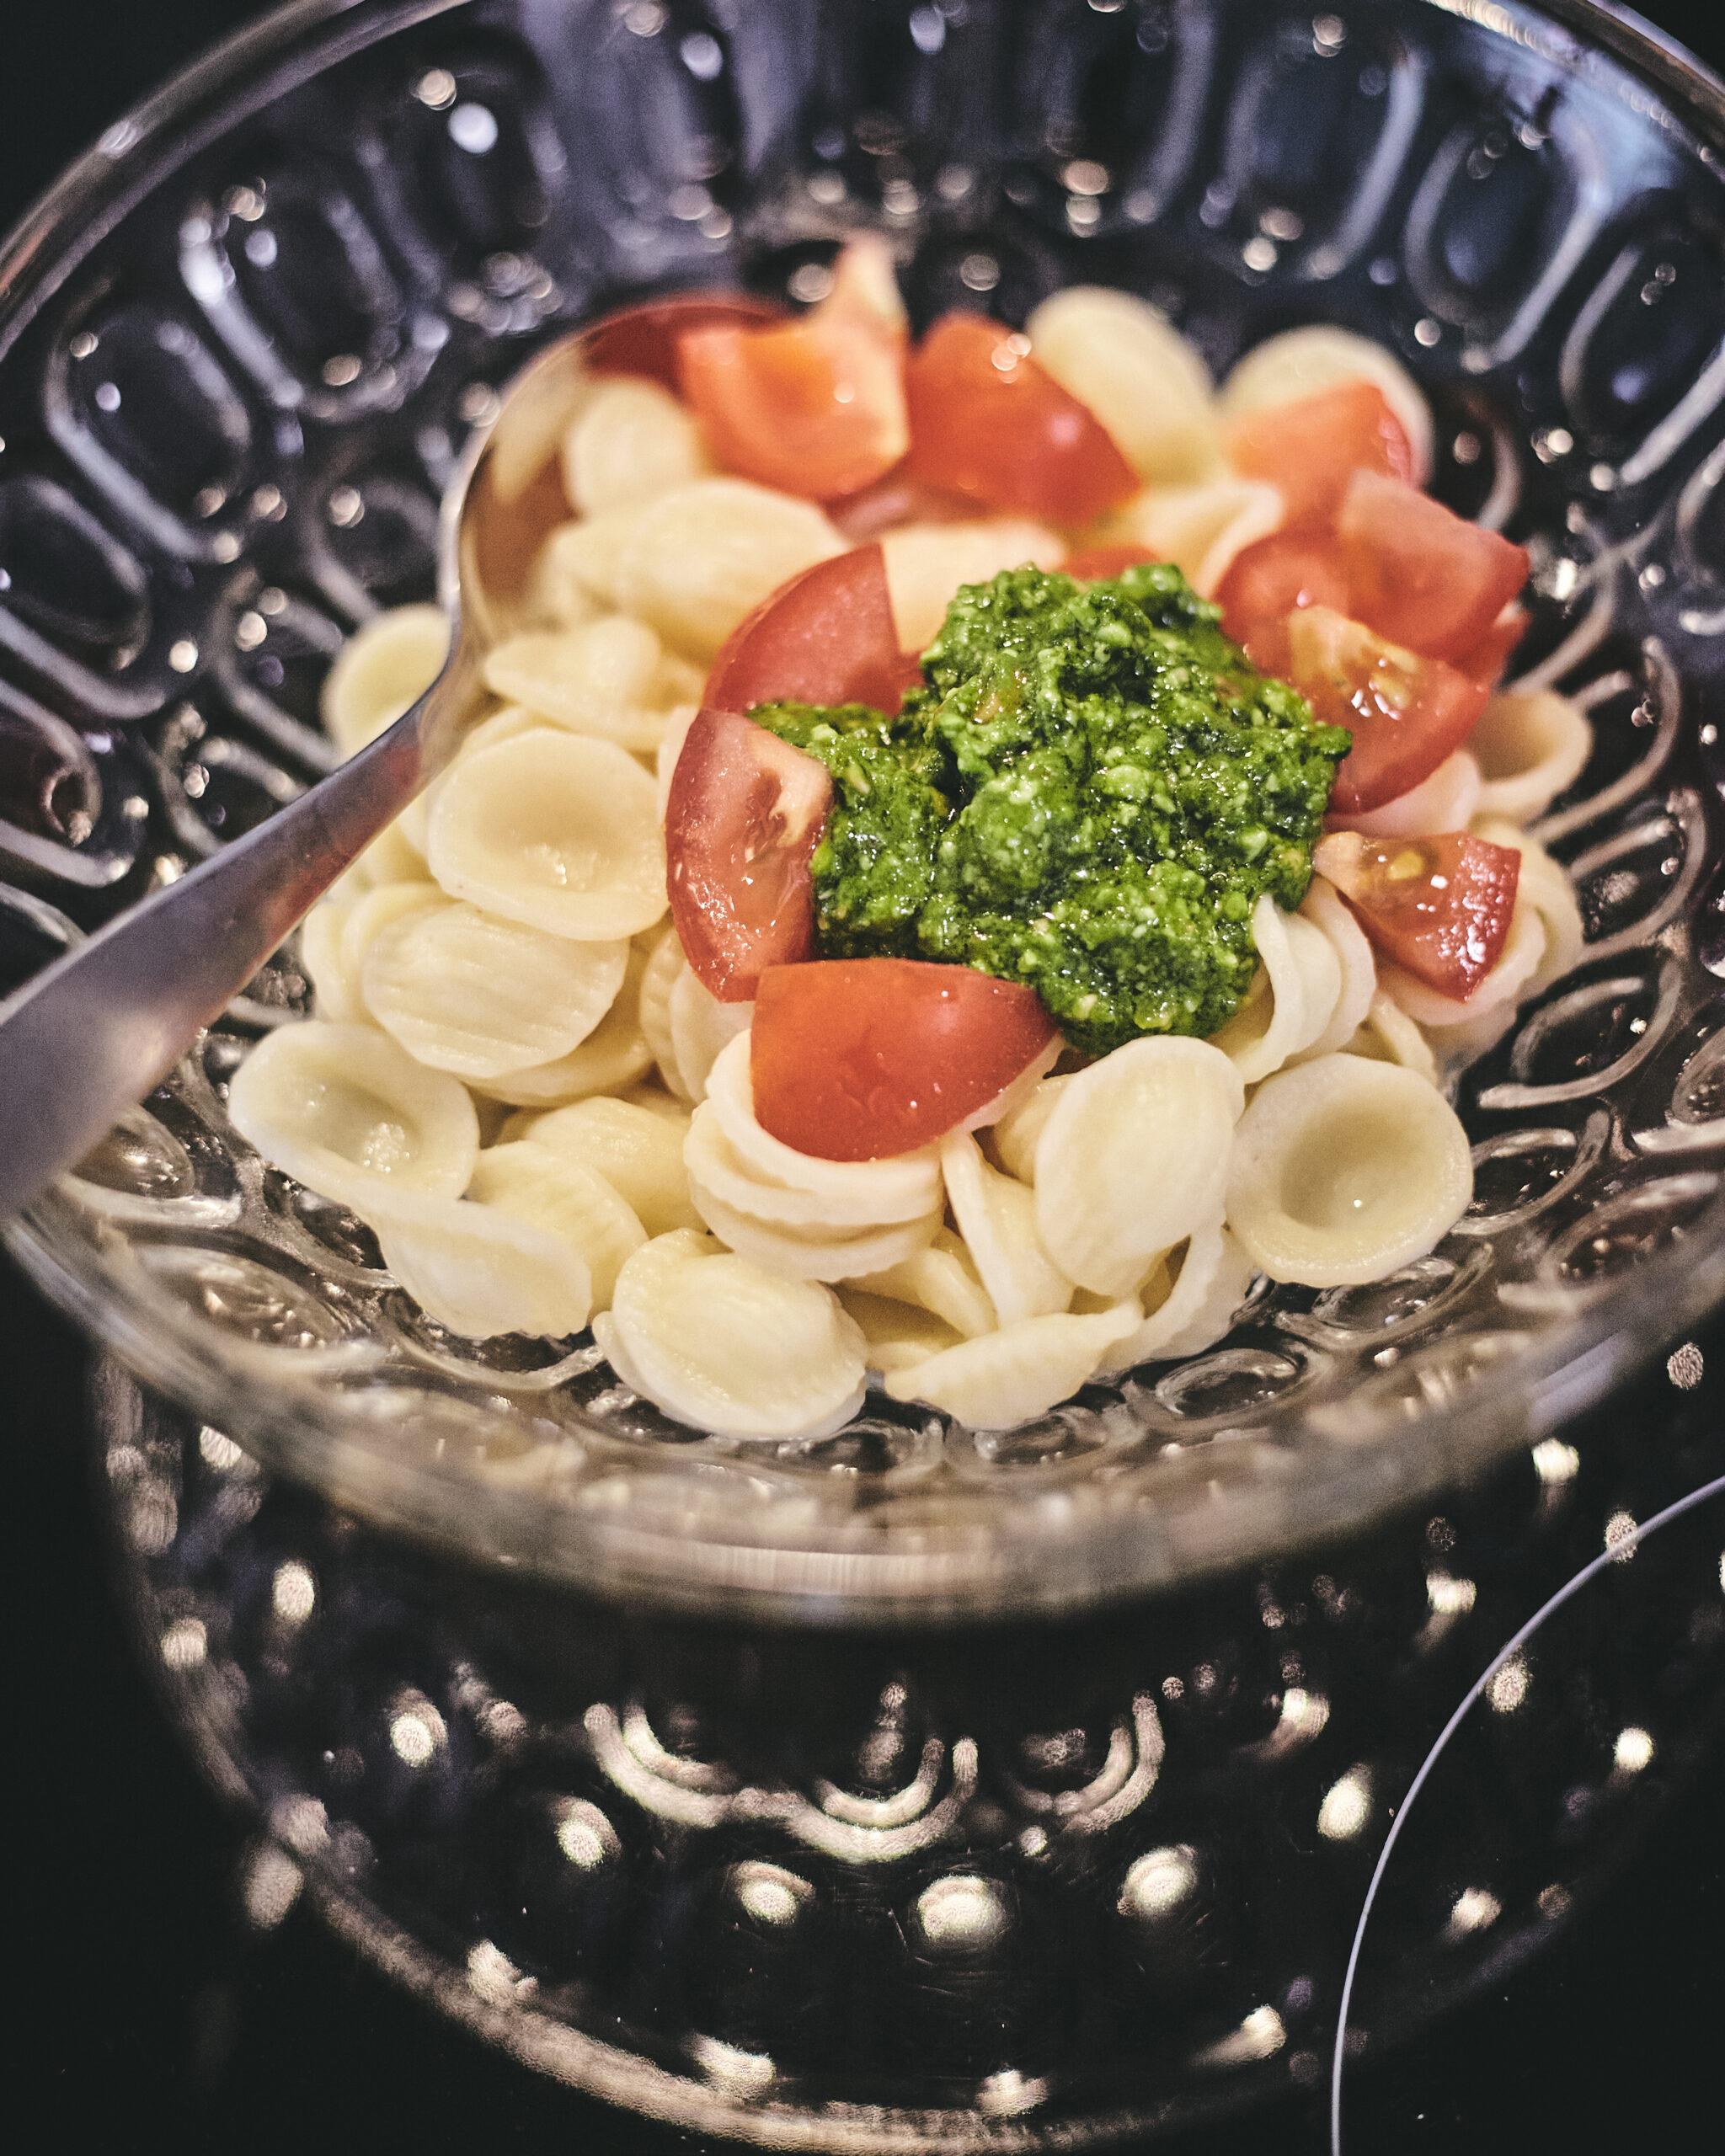 Pesto Nudeln In annas Küche